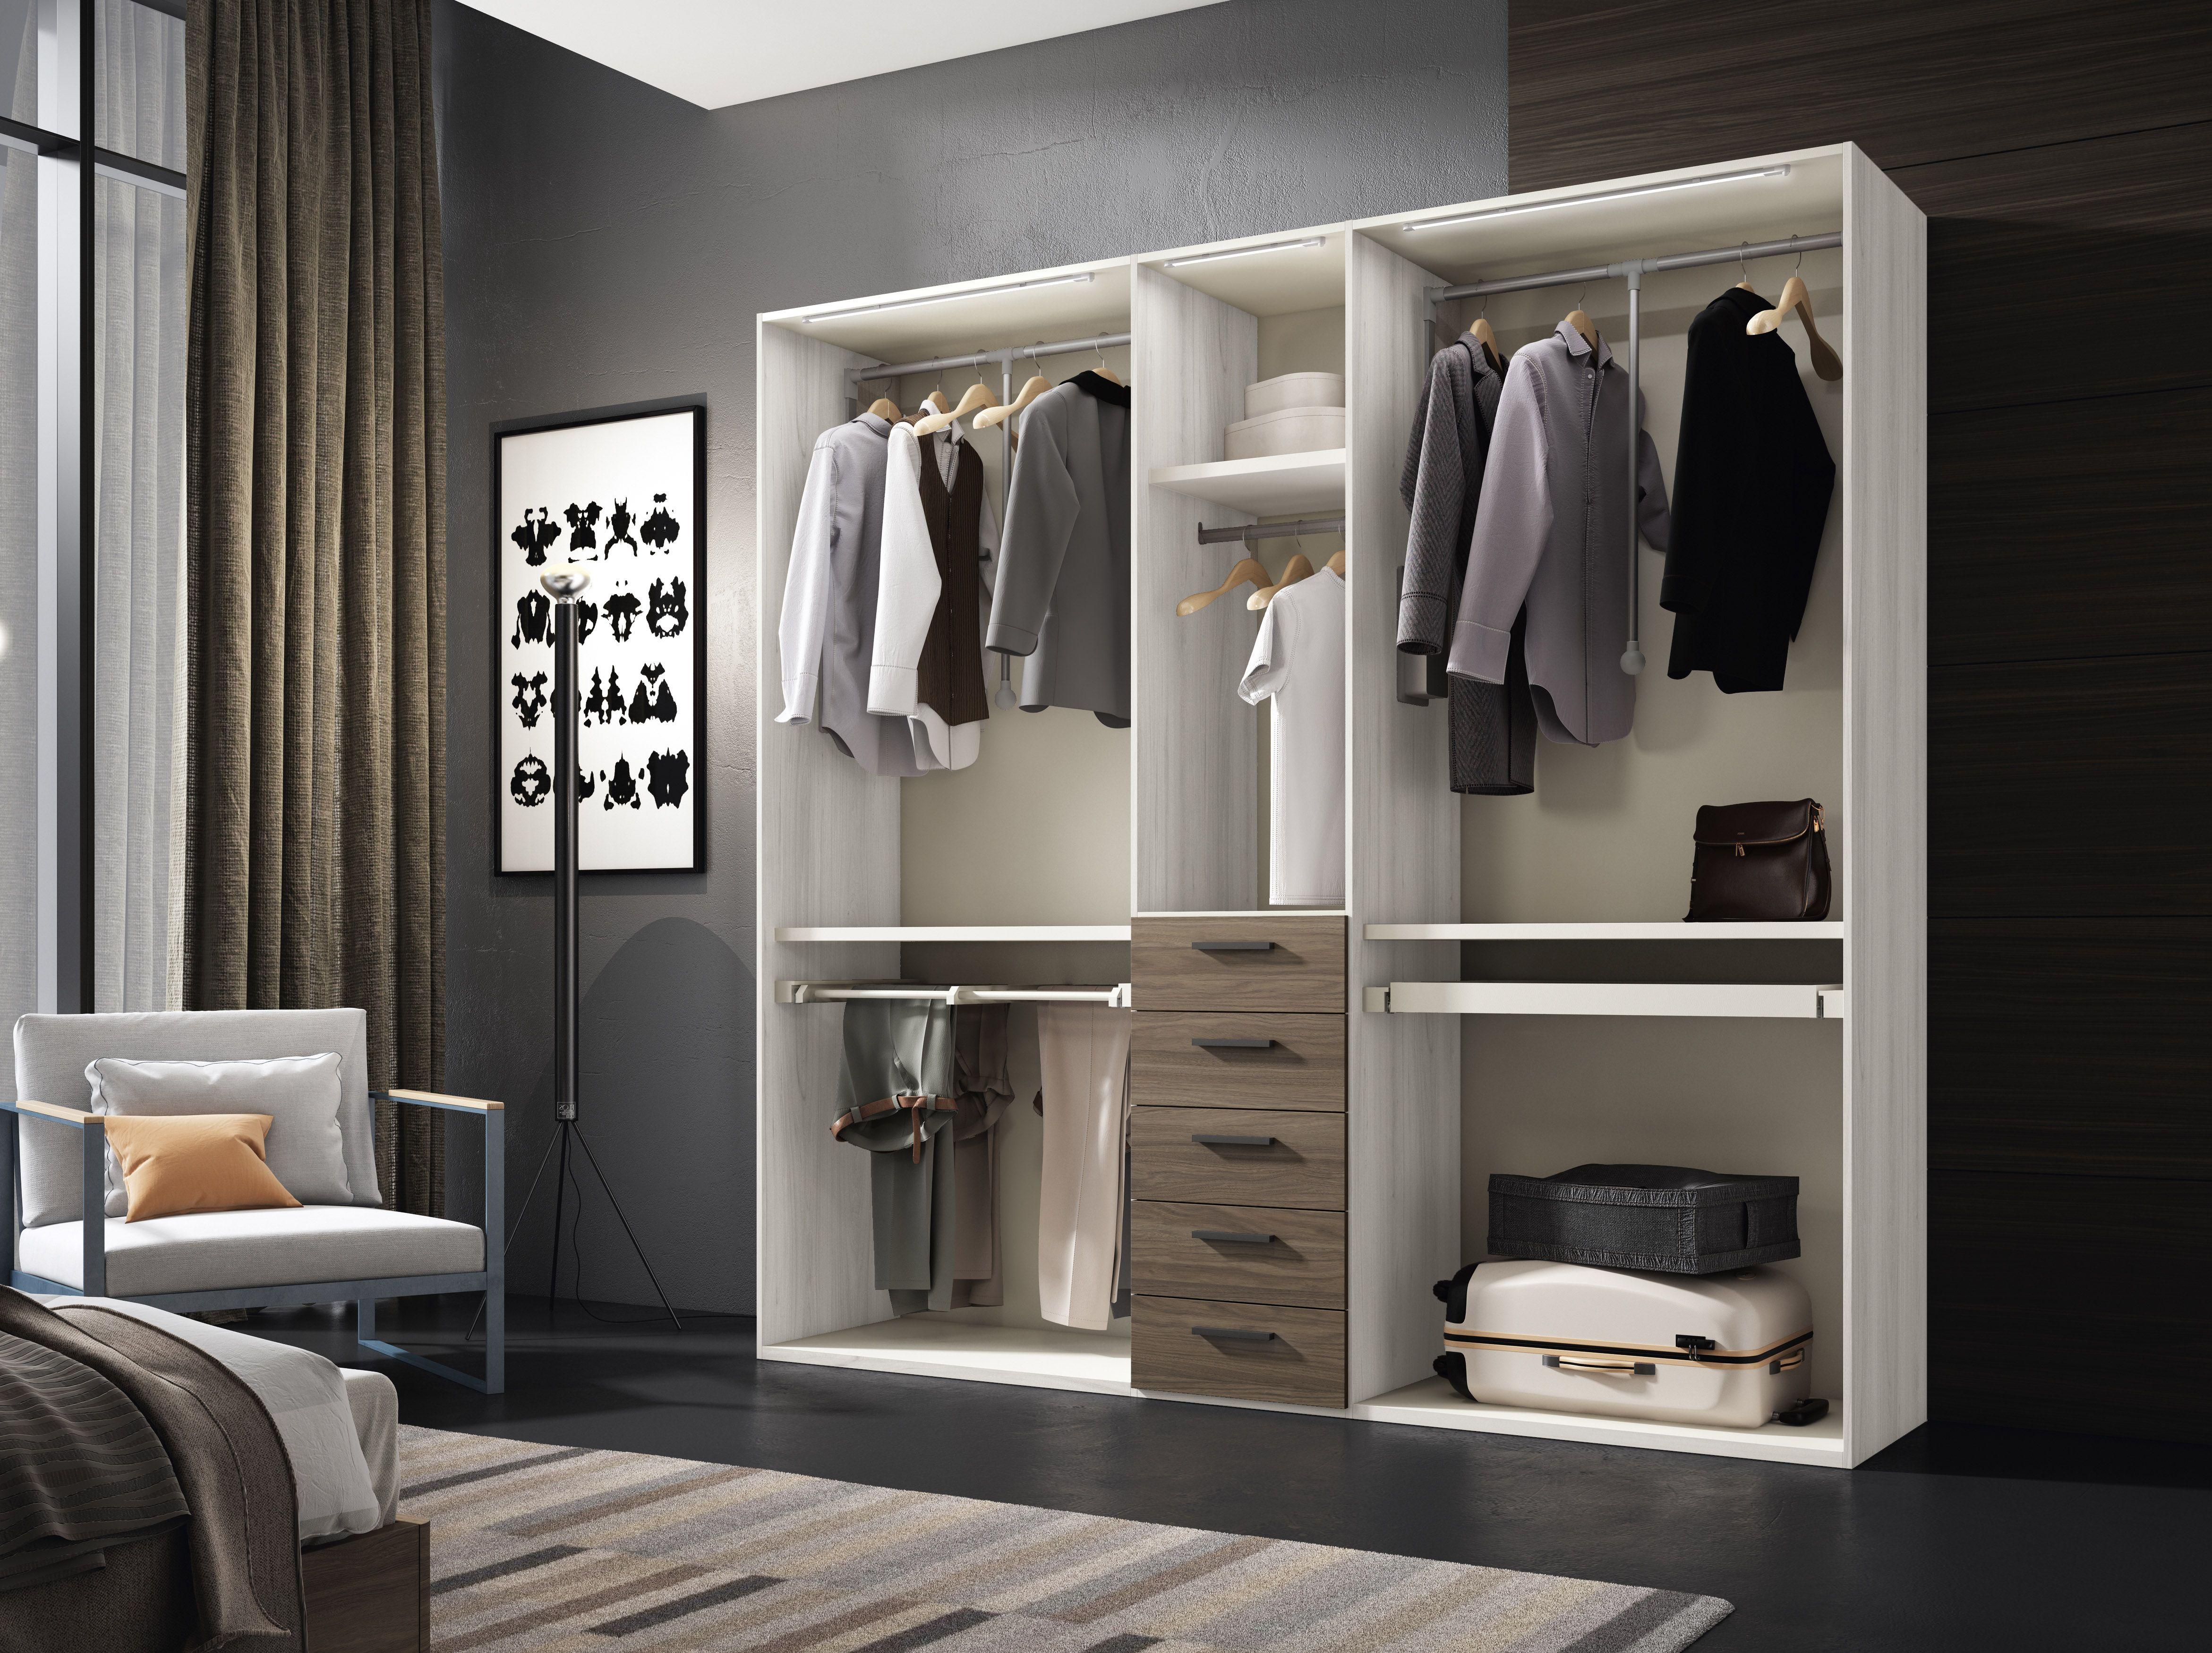 Grupo exojo armario cat logo creta top armario for Catalogo de closets